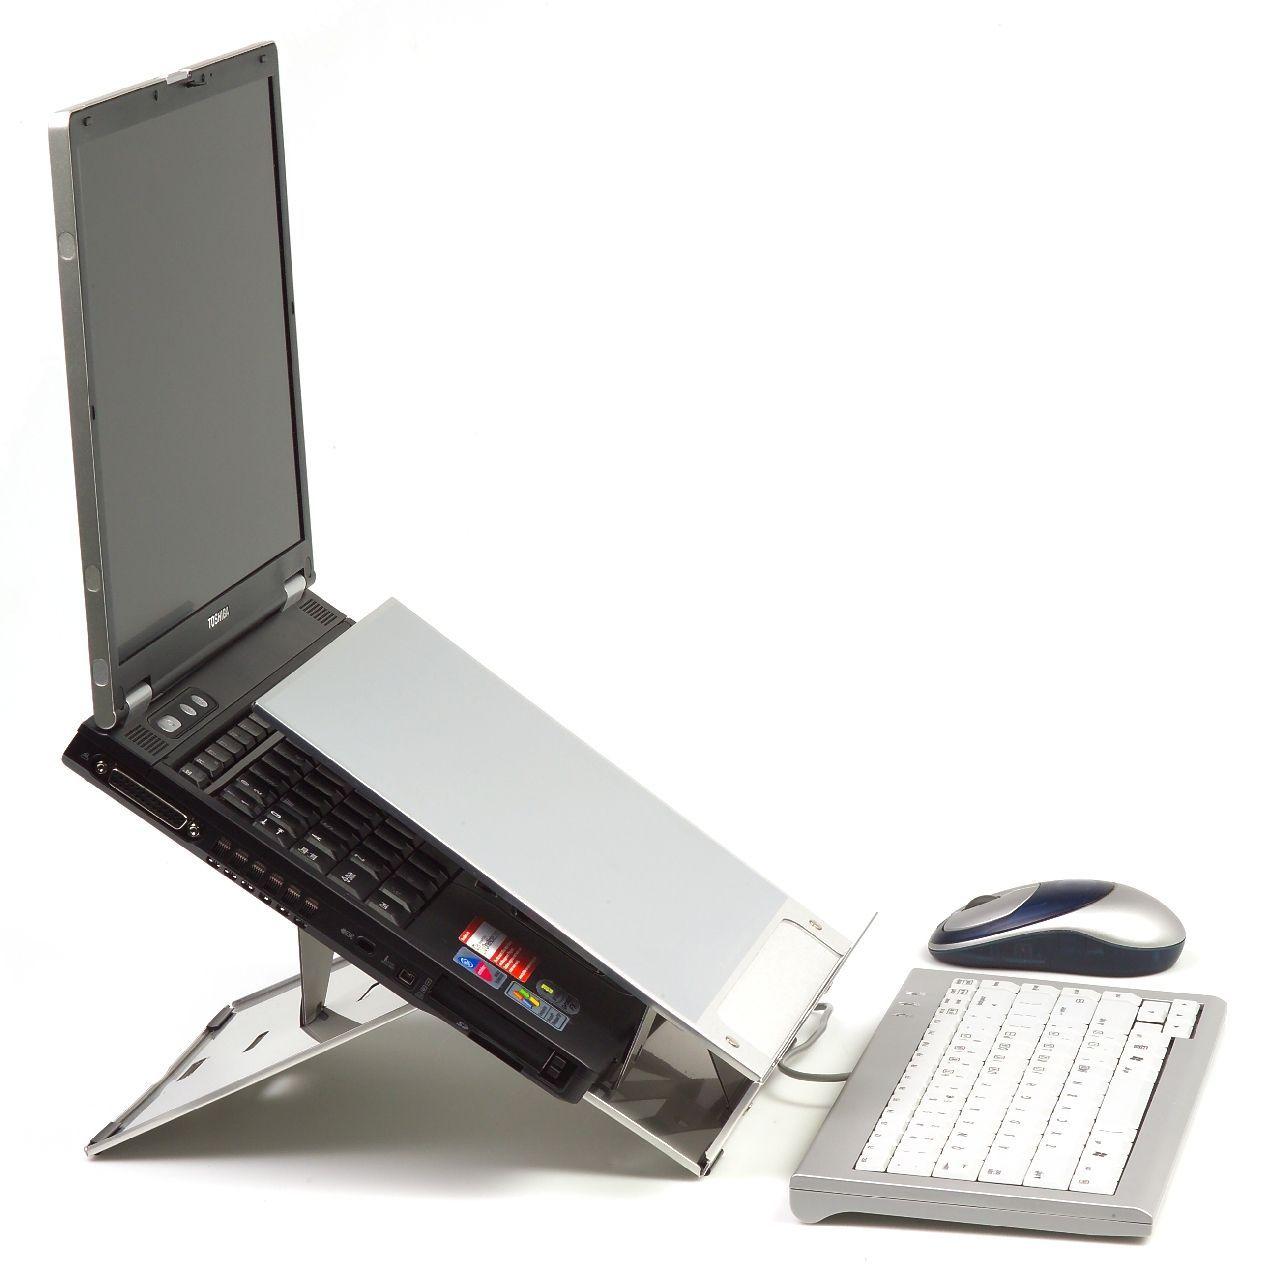 Ergo Q 220 laptophouder Zijkant met laptop